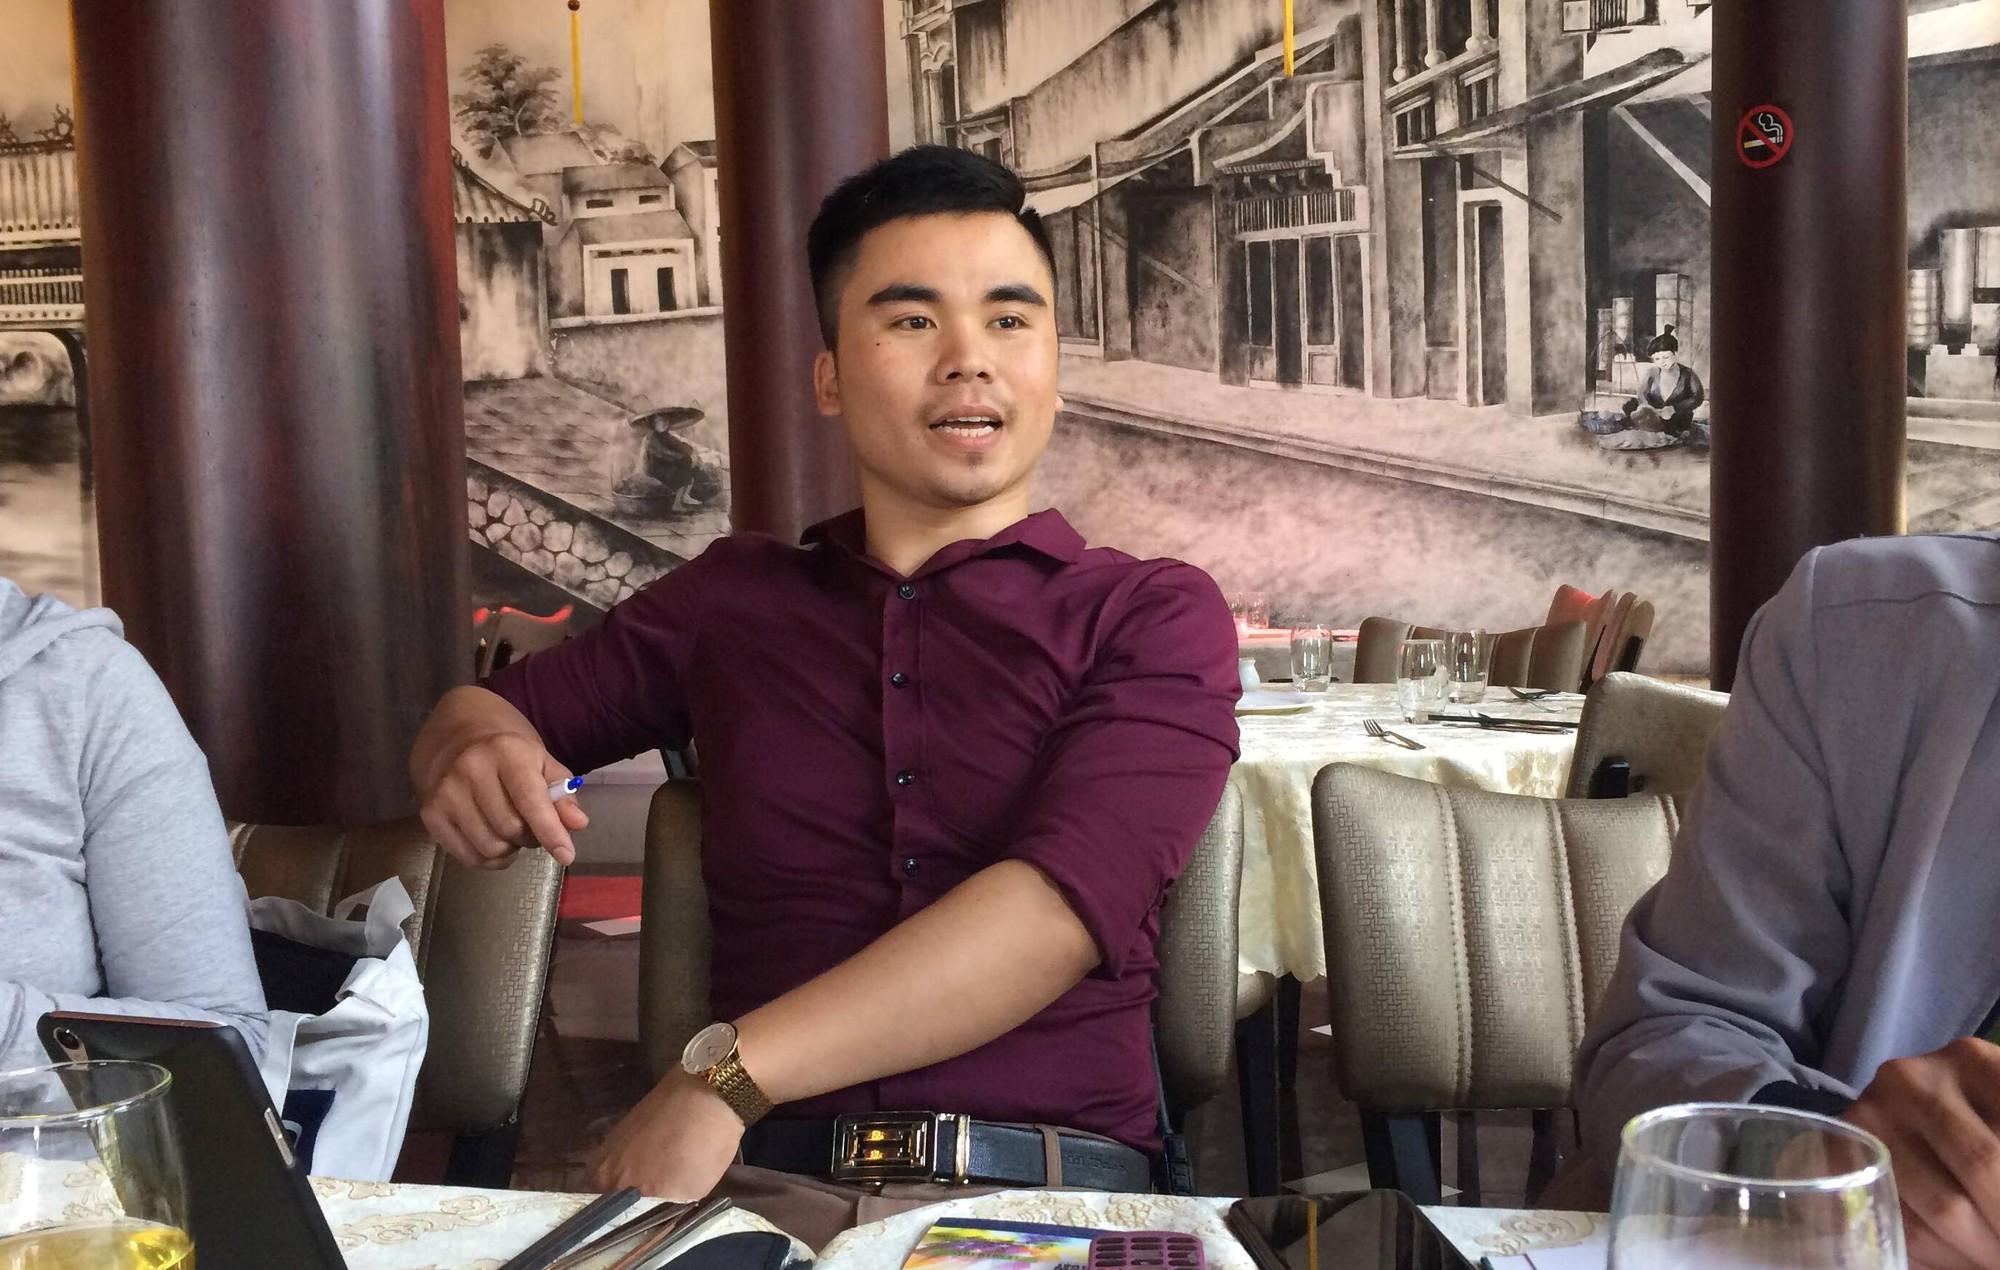 Anh Hoàng Văn Thông, quản lý nhà hàng S.H trao đổi về vụ việc.